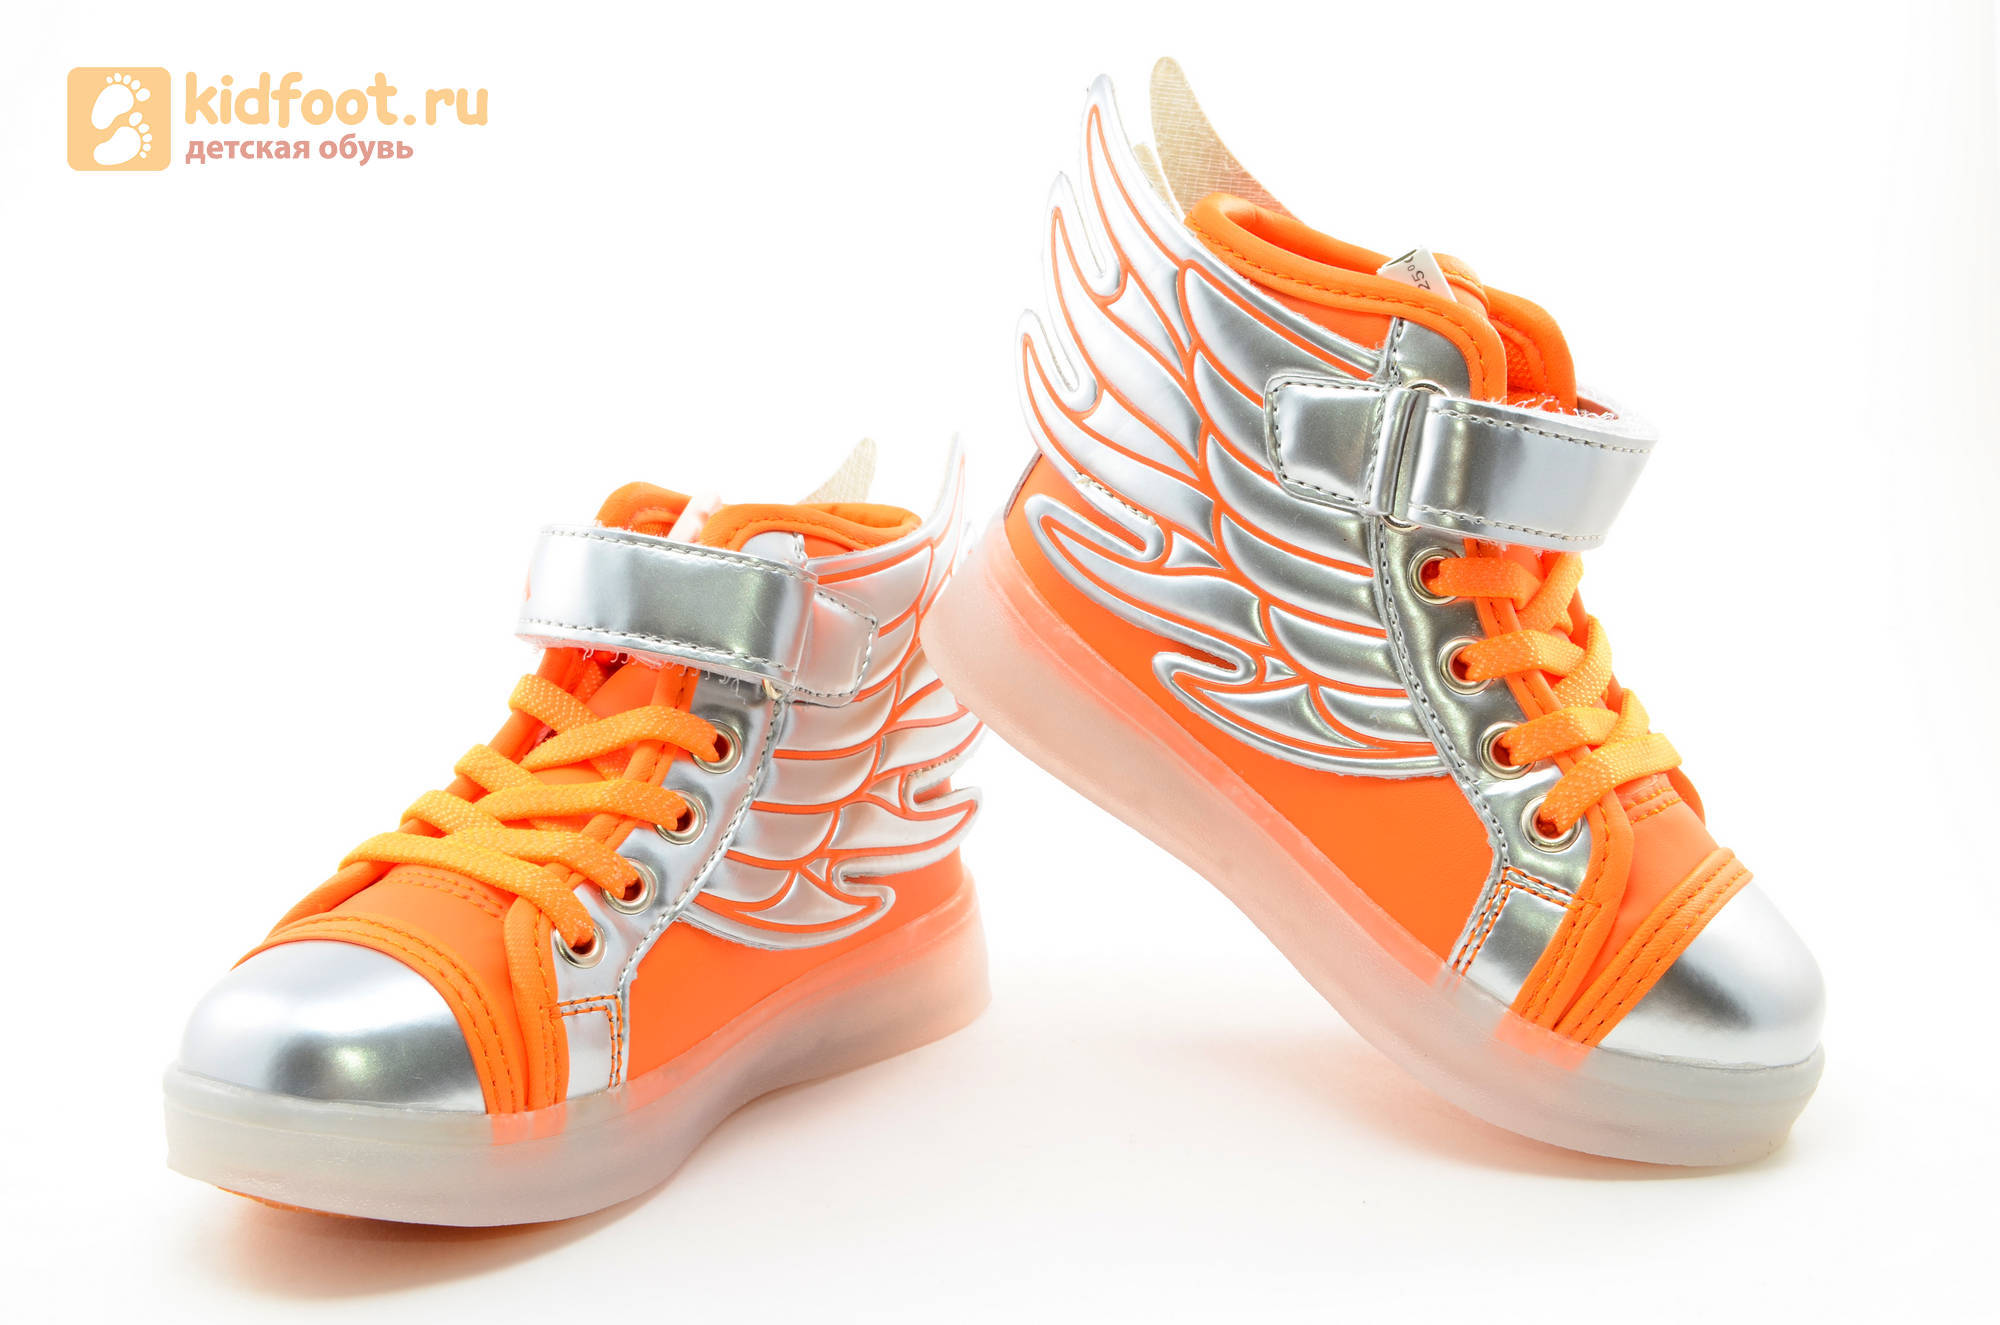 Светящиеся кроссовки с крыльями с USB зарядкой Бебексия (BEIBEIXIA), цвет оранжевый серебряный, светится вся подошва